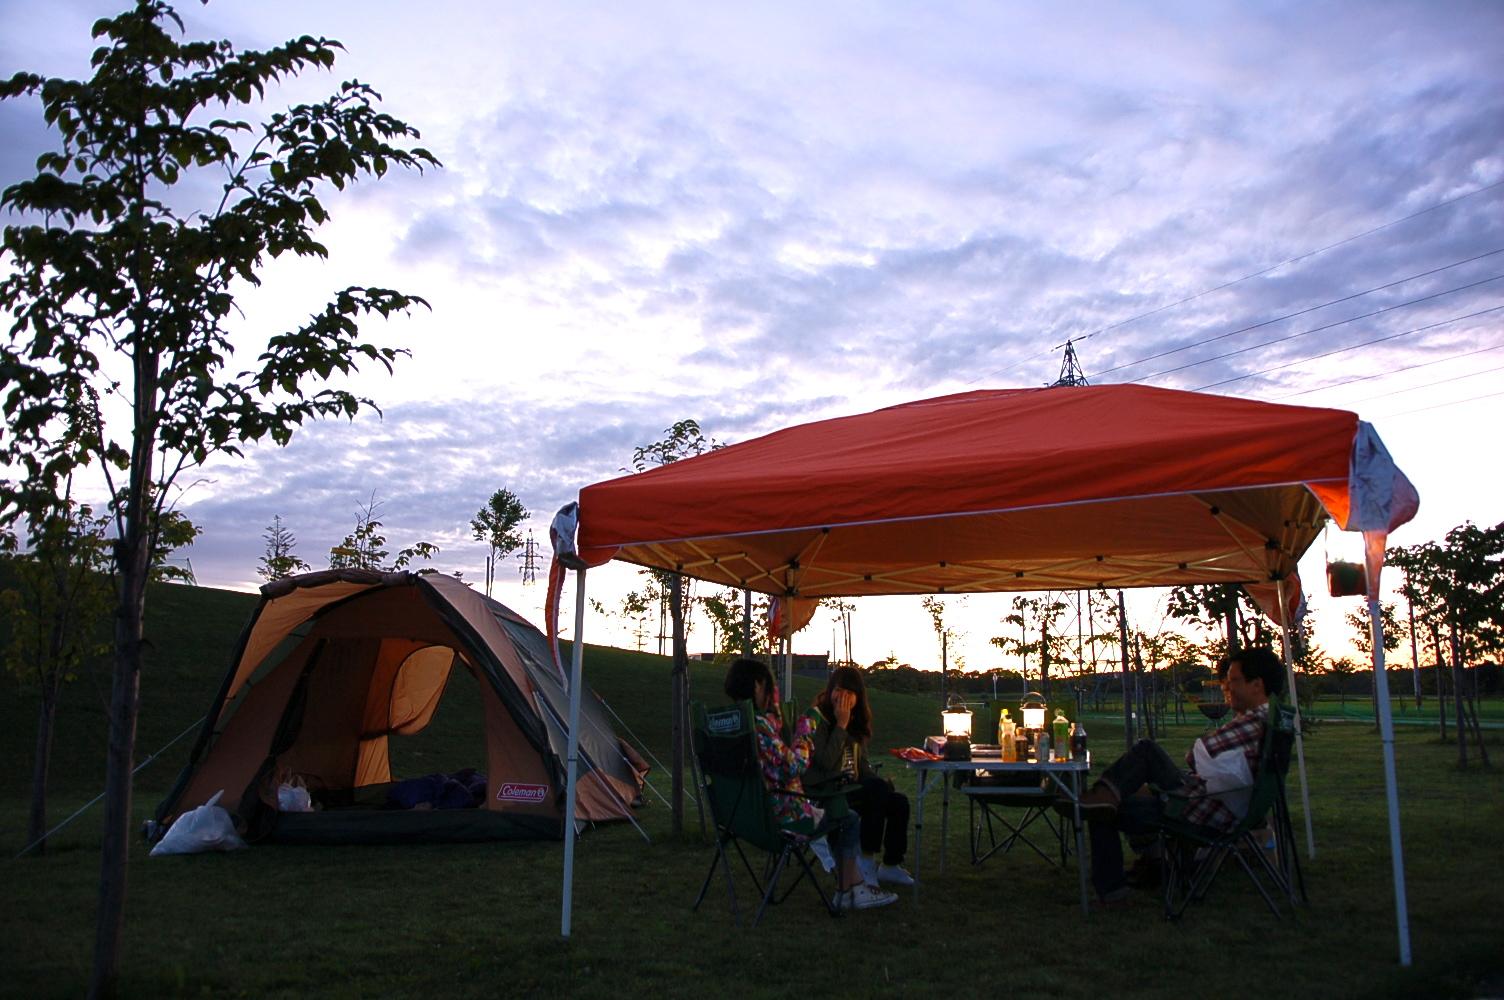 新登場、大好評の「手ぶらキャンプ」に「恵庭ルルマップ自然公園」会場が加わりました!